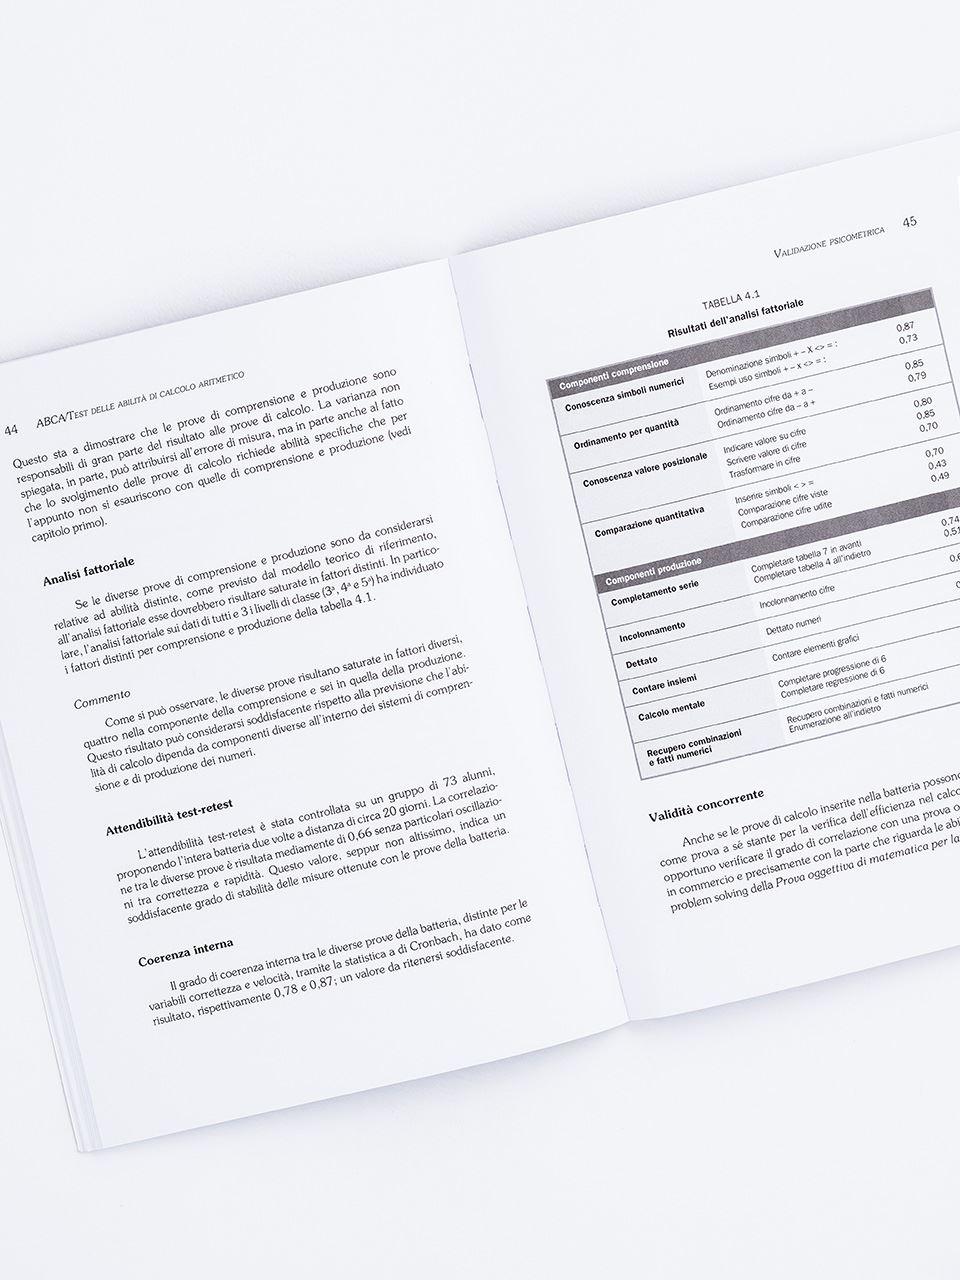 Test ABCA - Abilità di calcolo aritmetico - Libri - Erickson 2